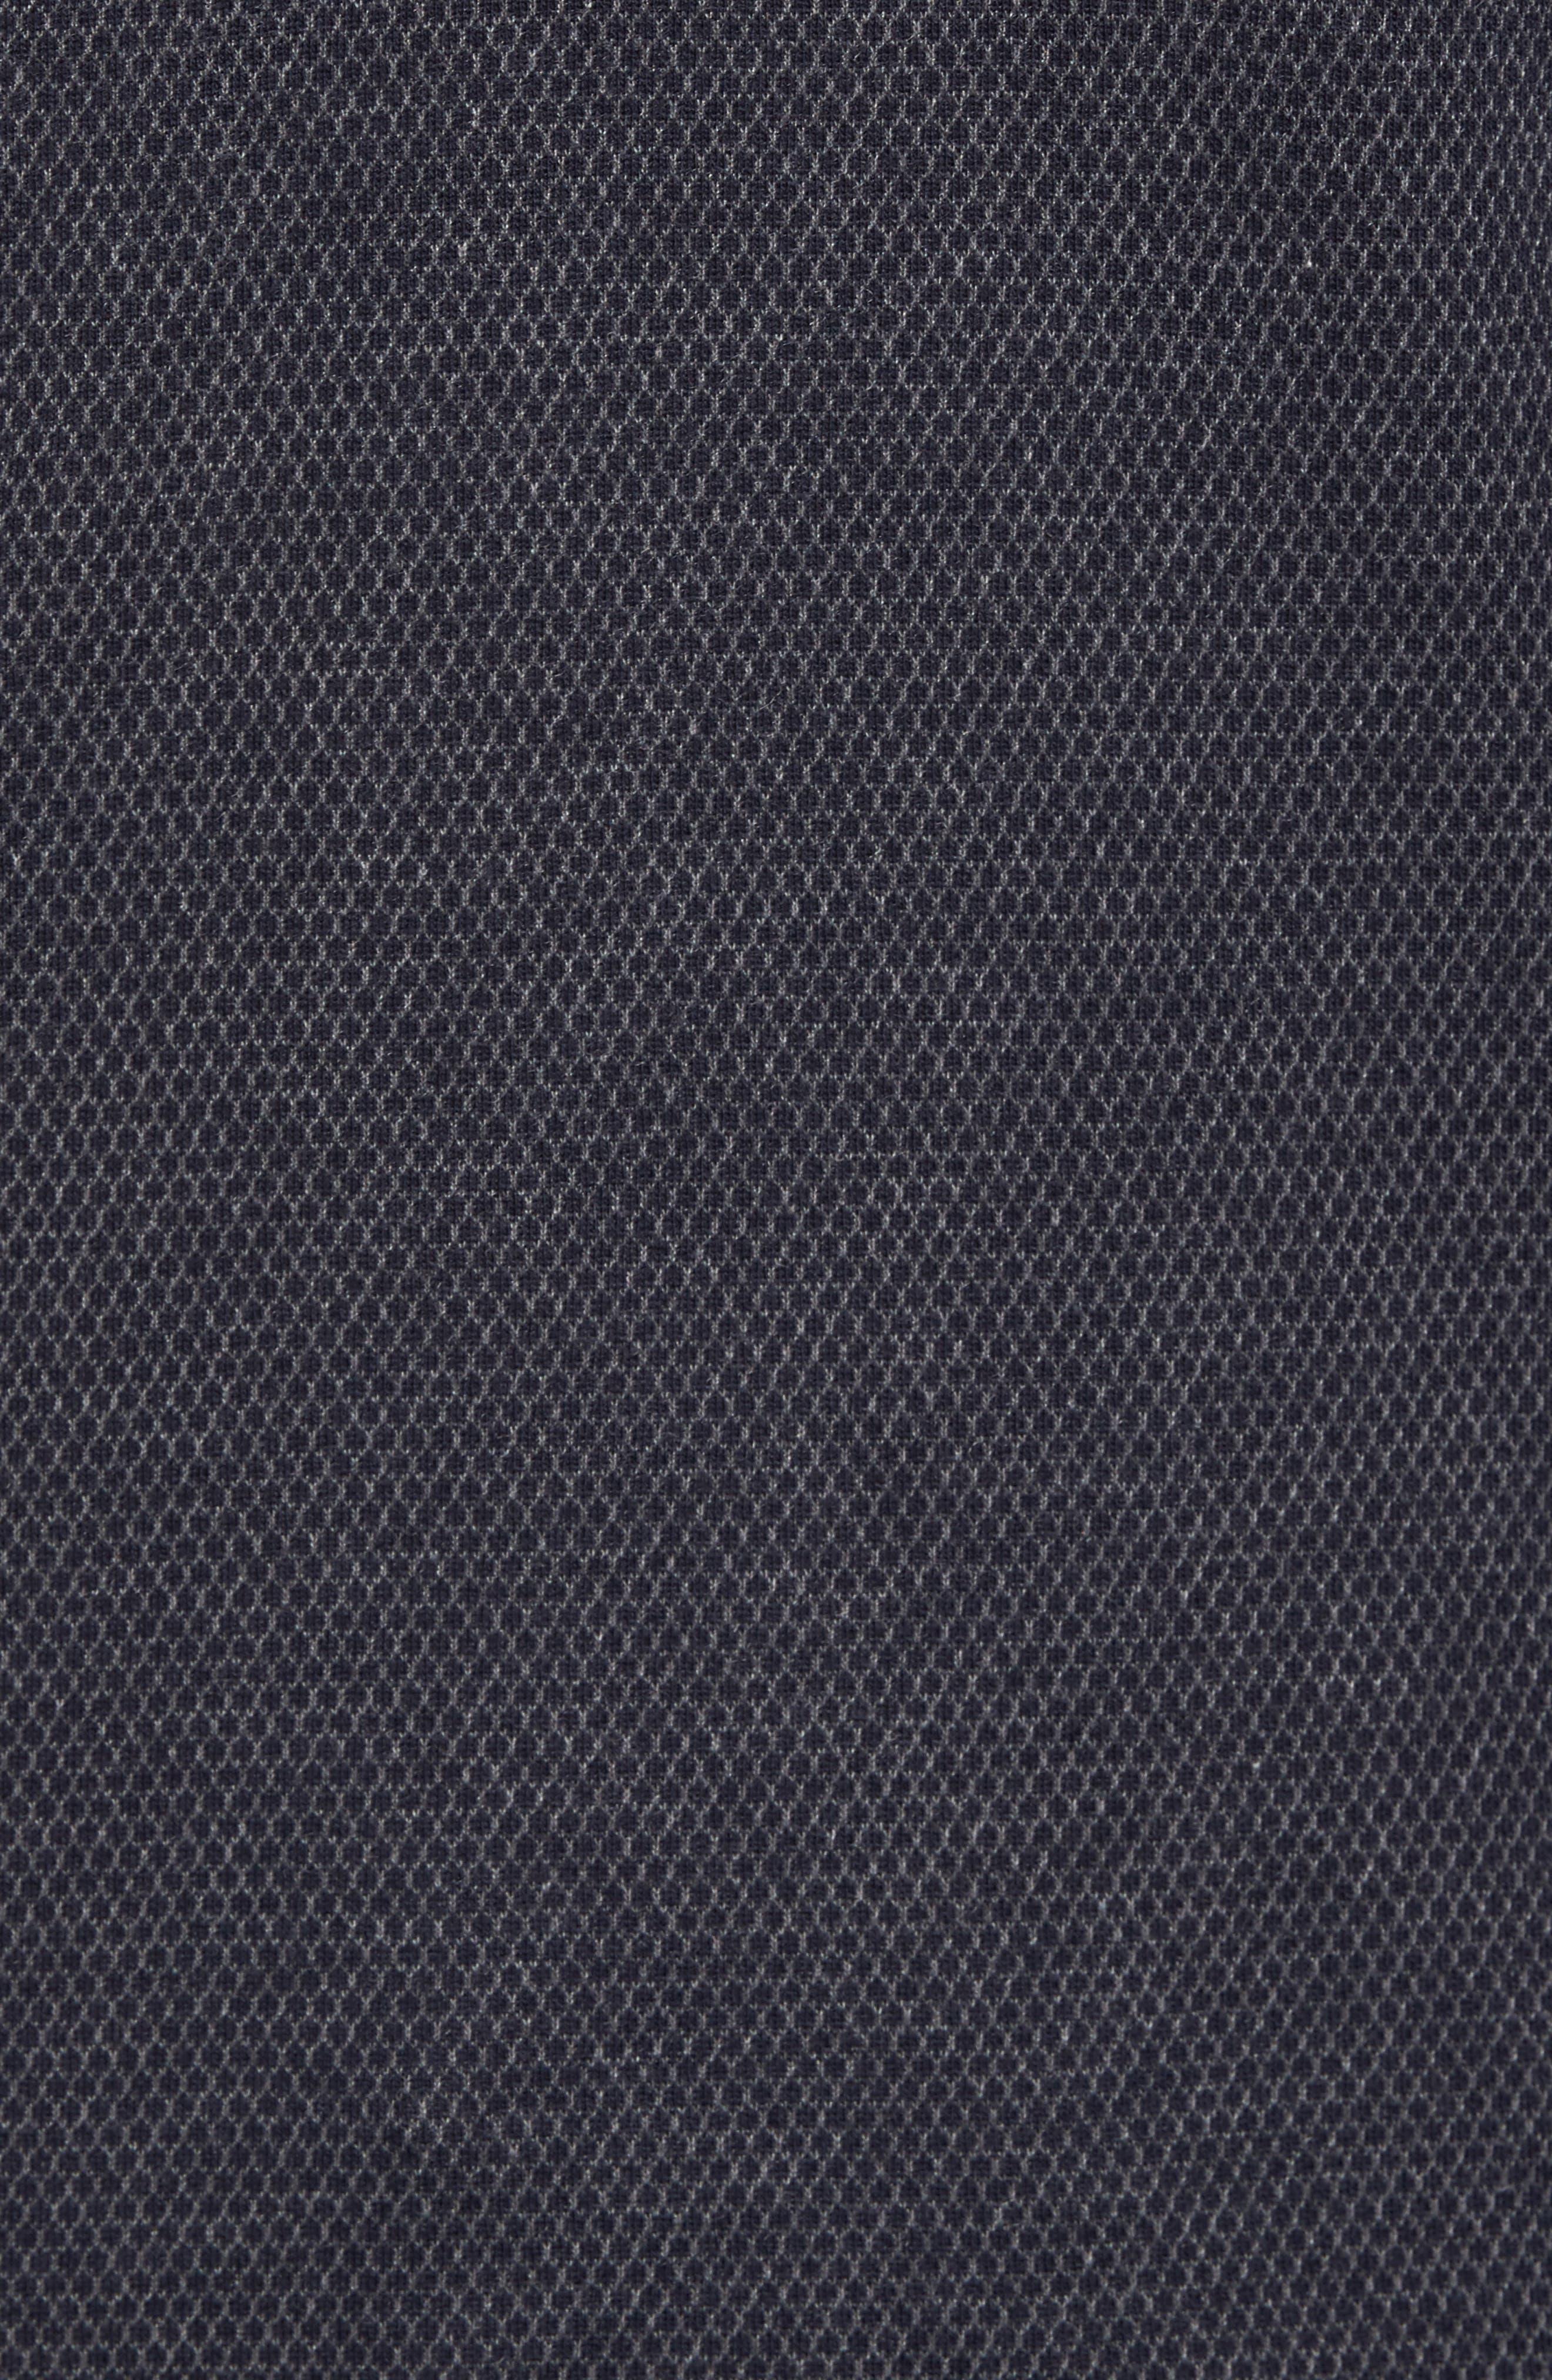 Woolpak Trim Fit Mouliné Polo,                             Alternate thumbnail 9, color,